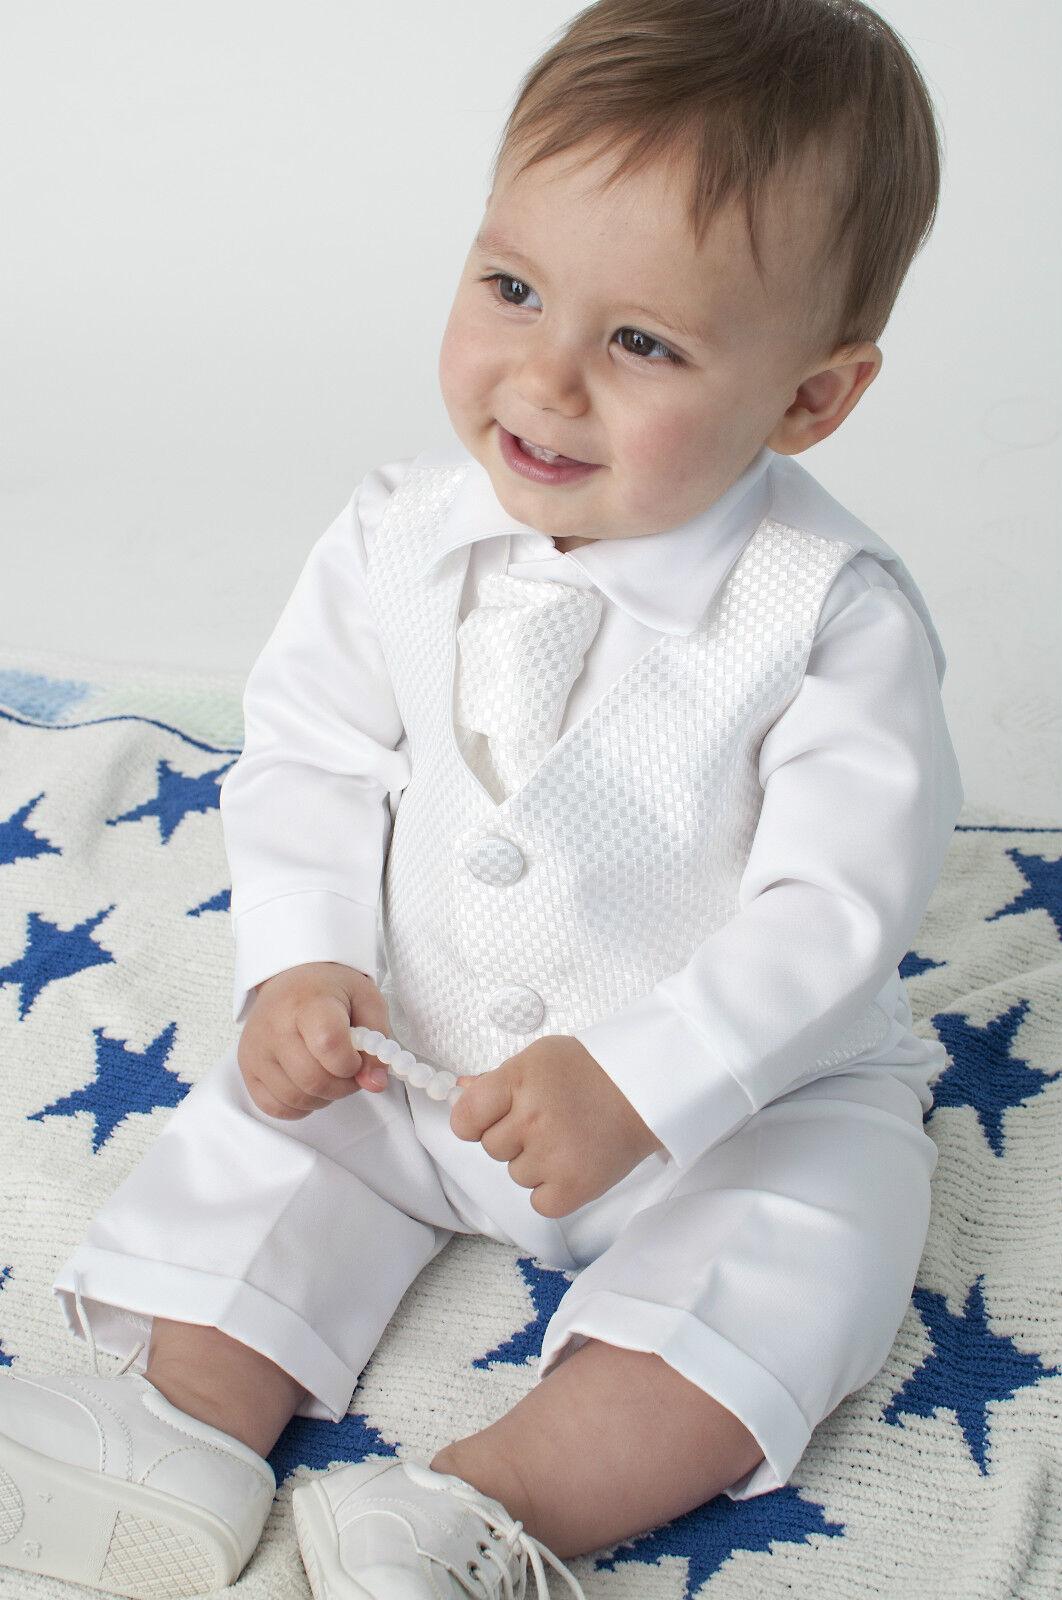 f5a2a0139 Bebé Chicos De 4 Piezas Bautizo Outfit / Bautizo Traje cuadros en blanco